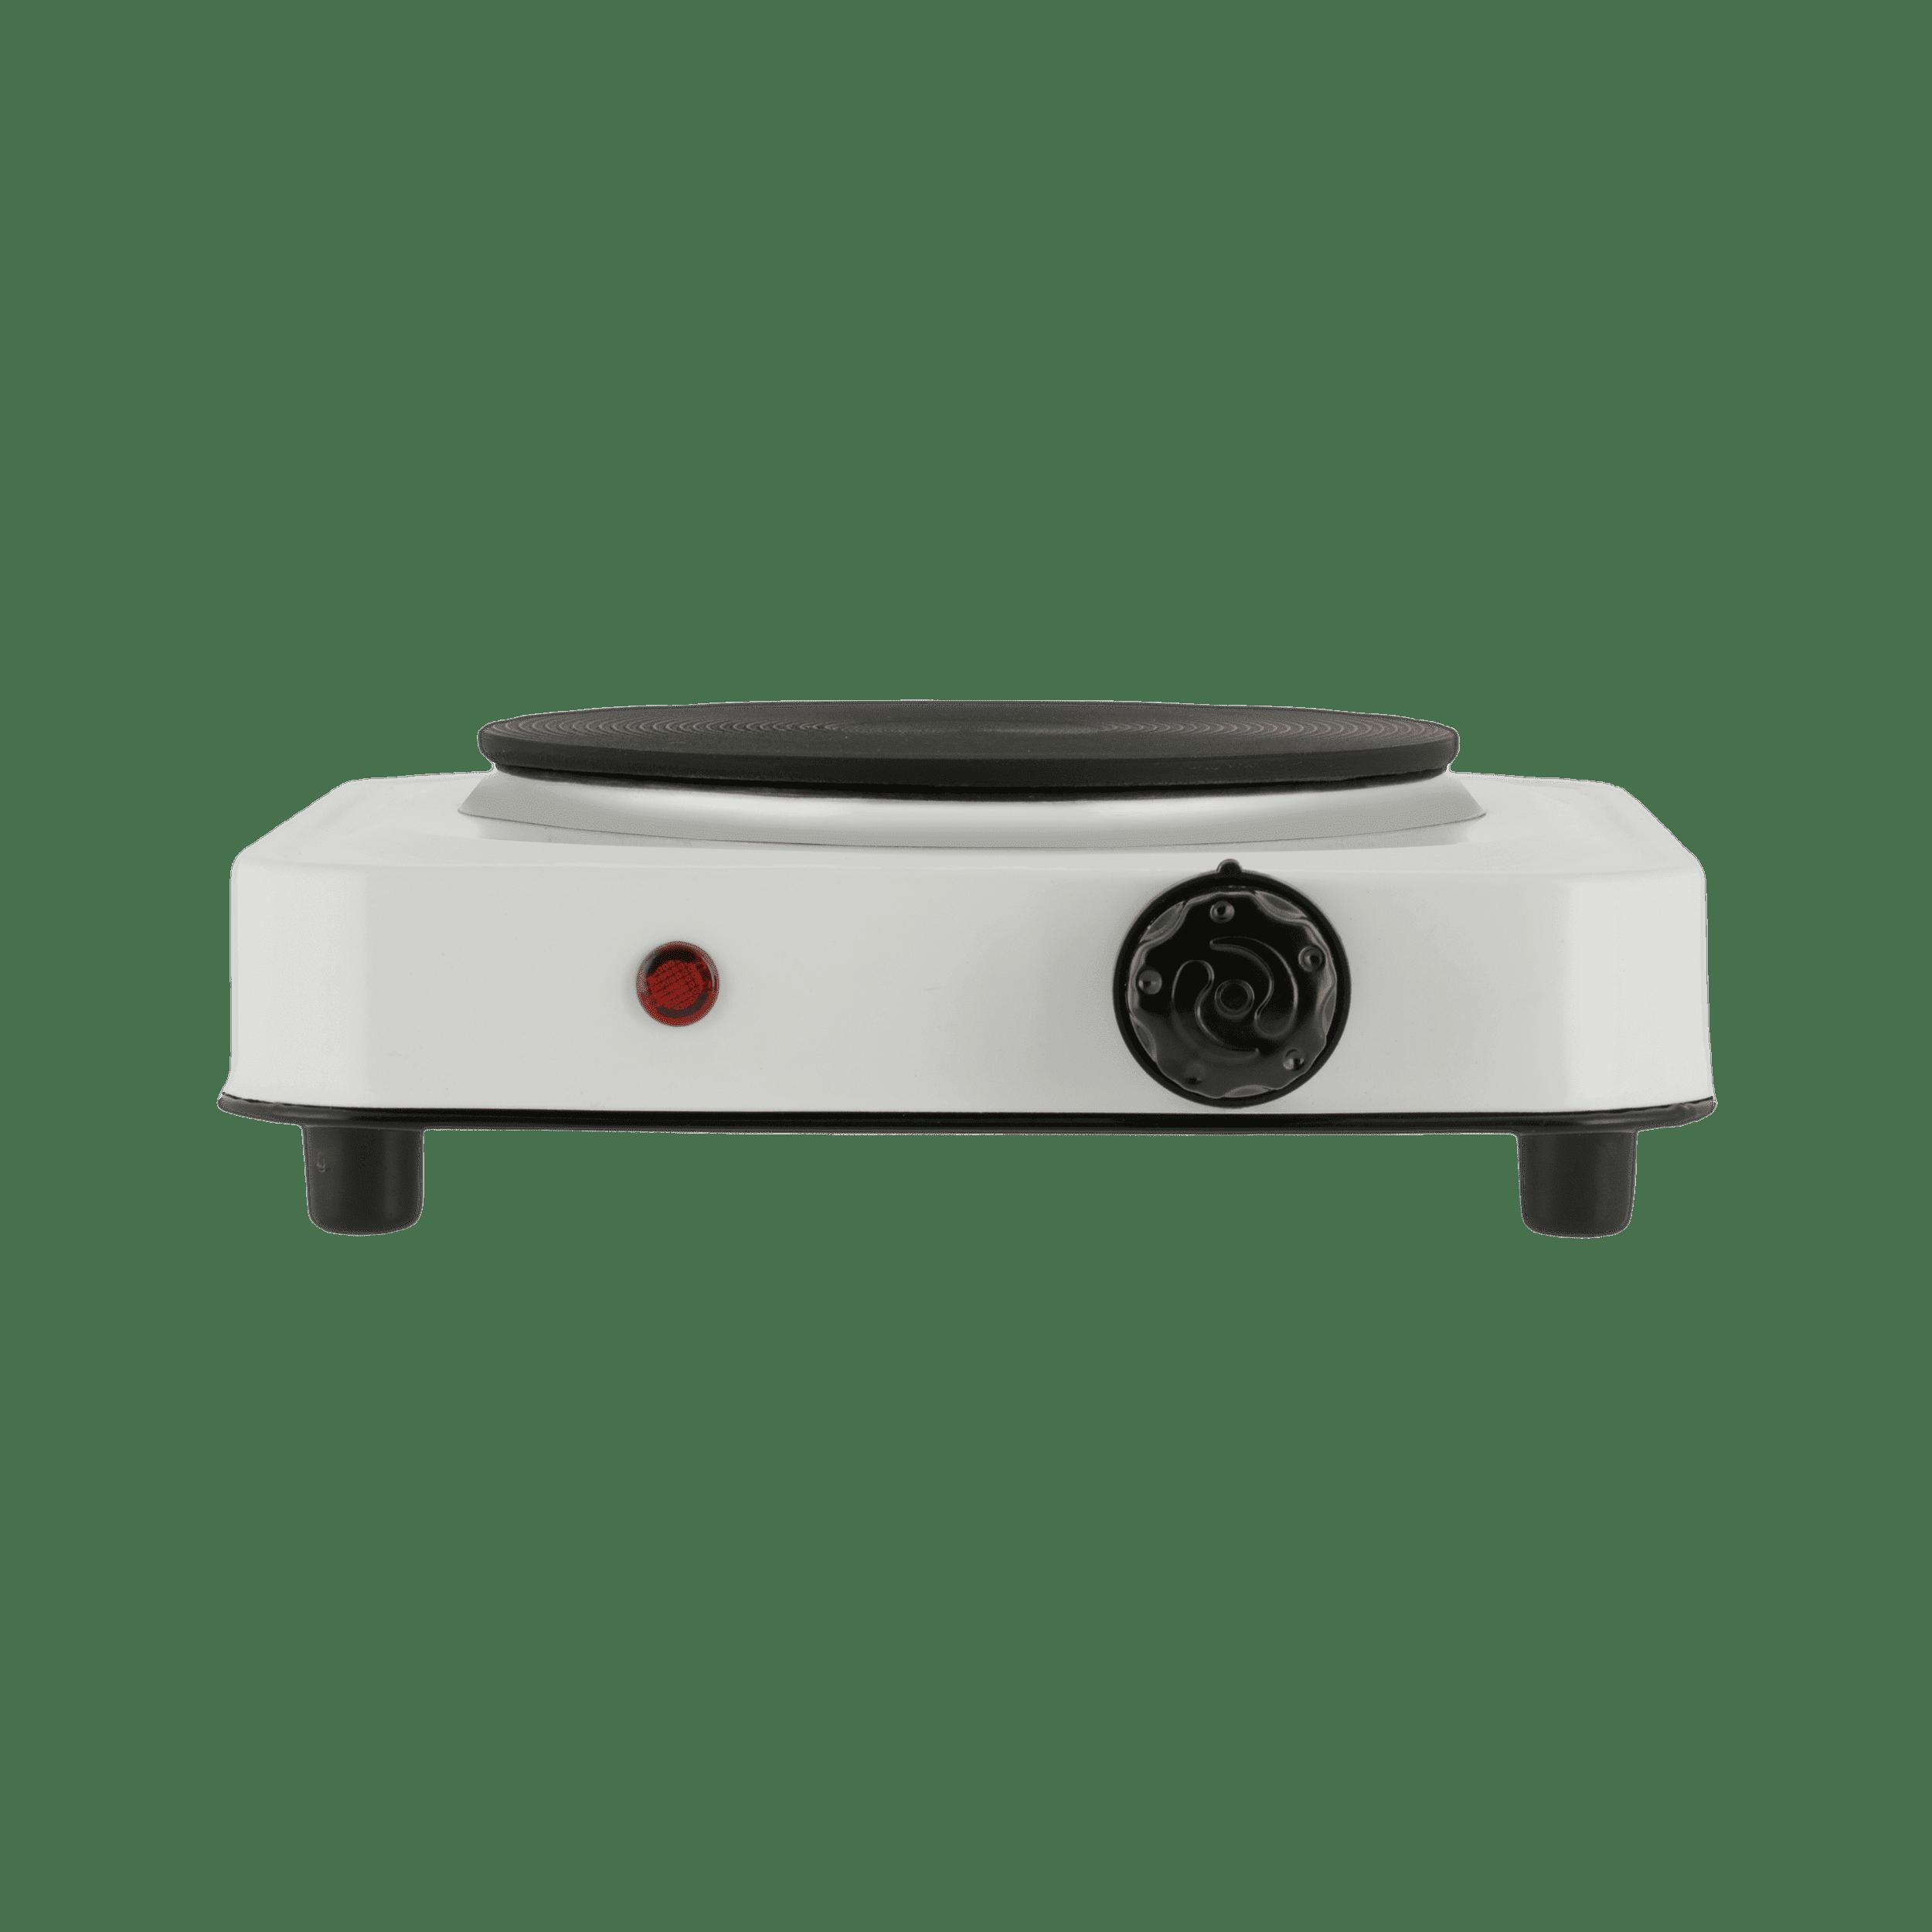 Kooktoestel mkt-120